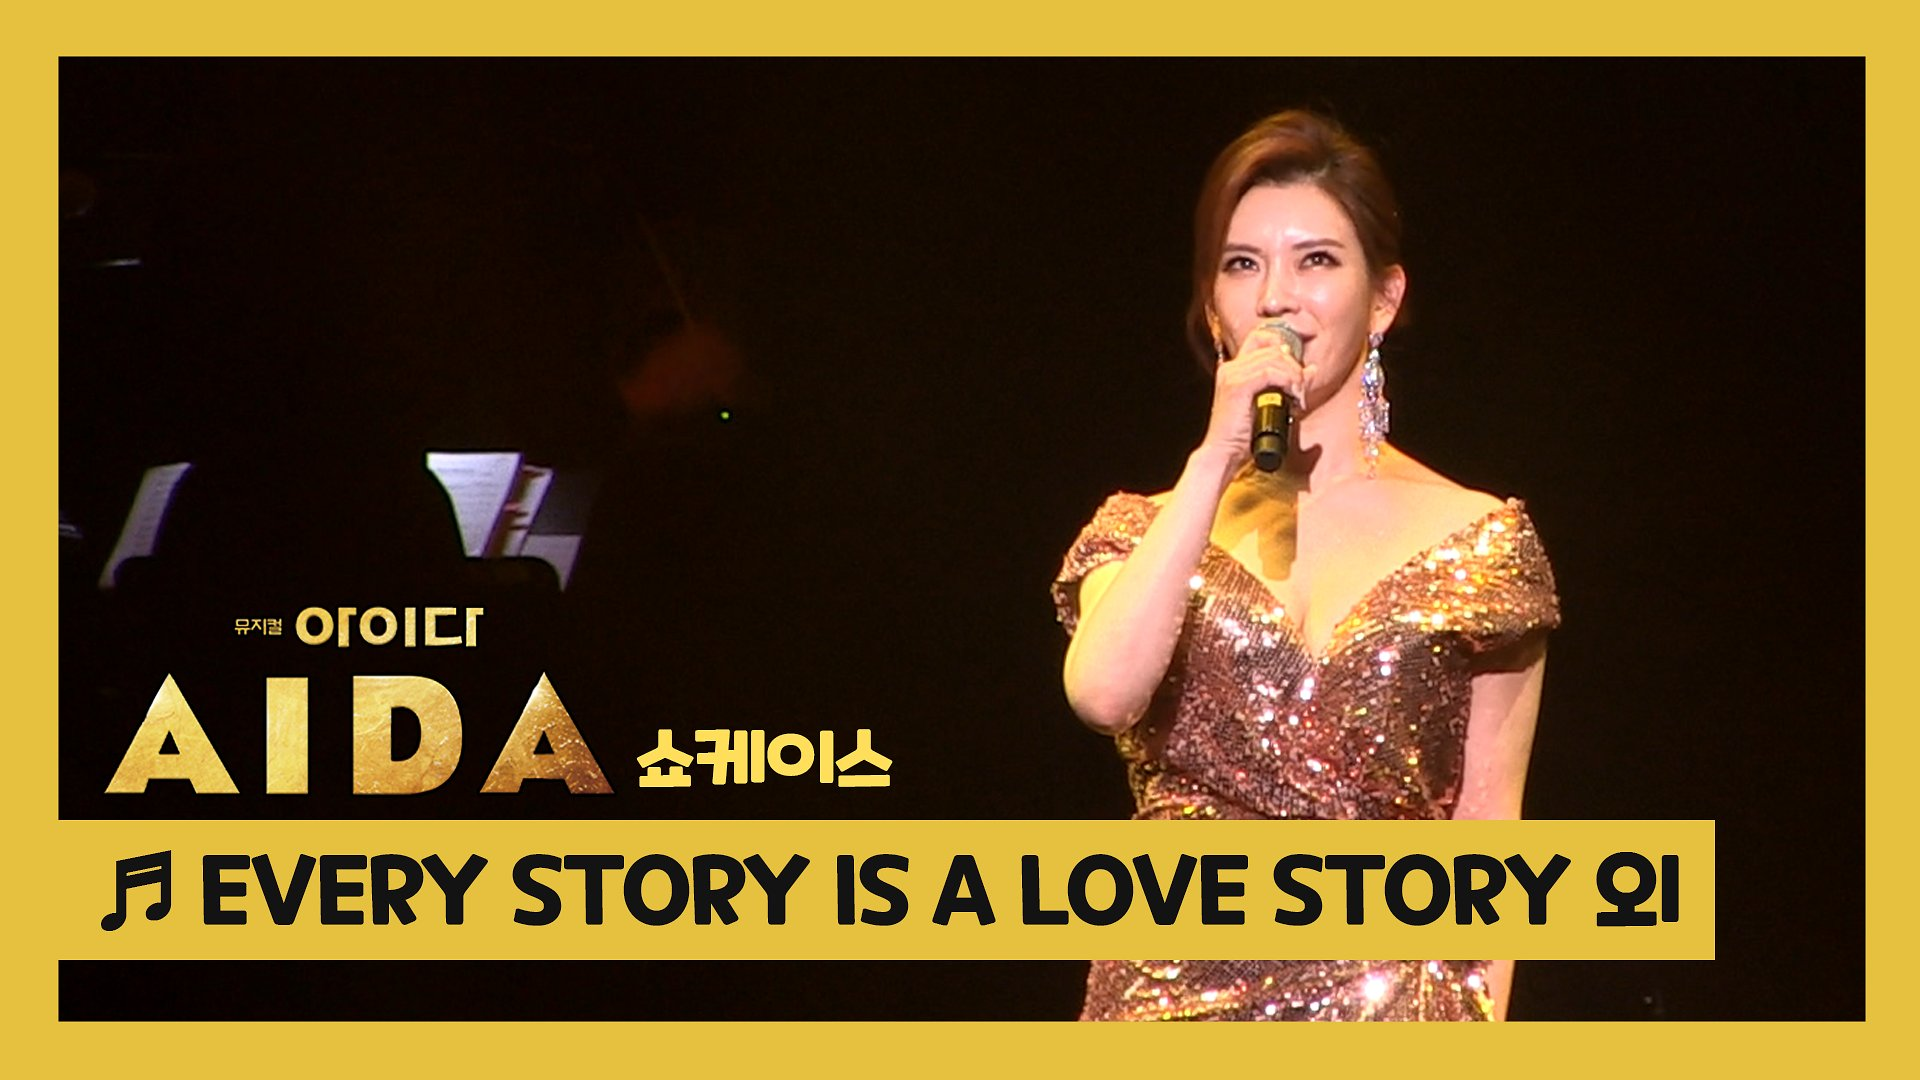 뮤지컬 '아이다' 쇼케이스 'EVERY STORY IS A LOVE STORY' 외 - 정선아, 전나영, 최재림 외